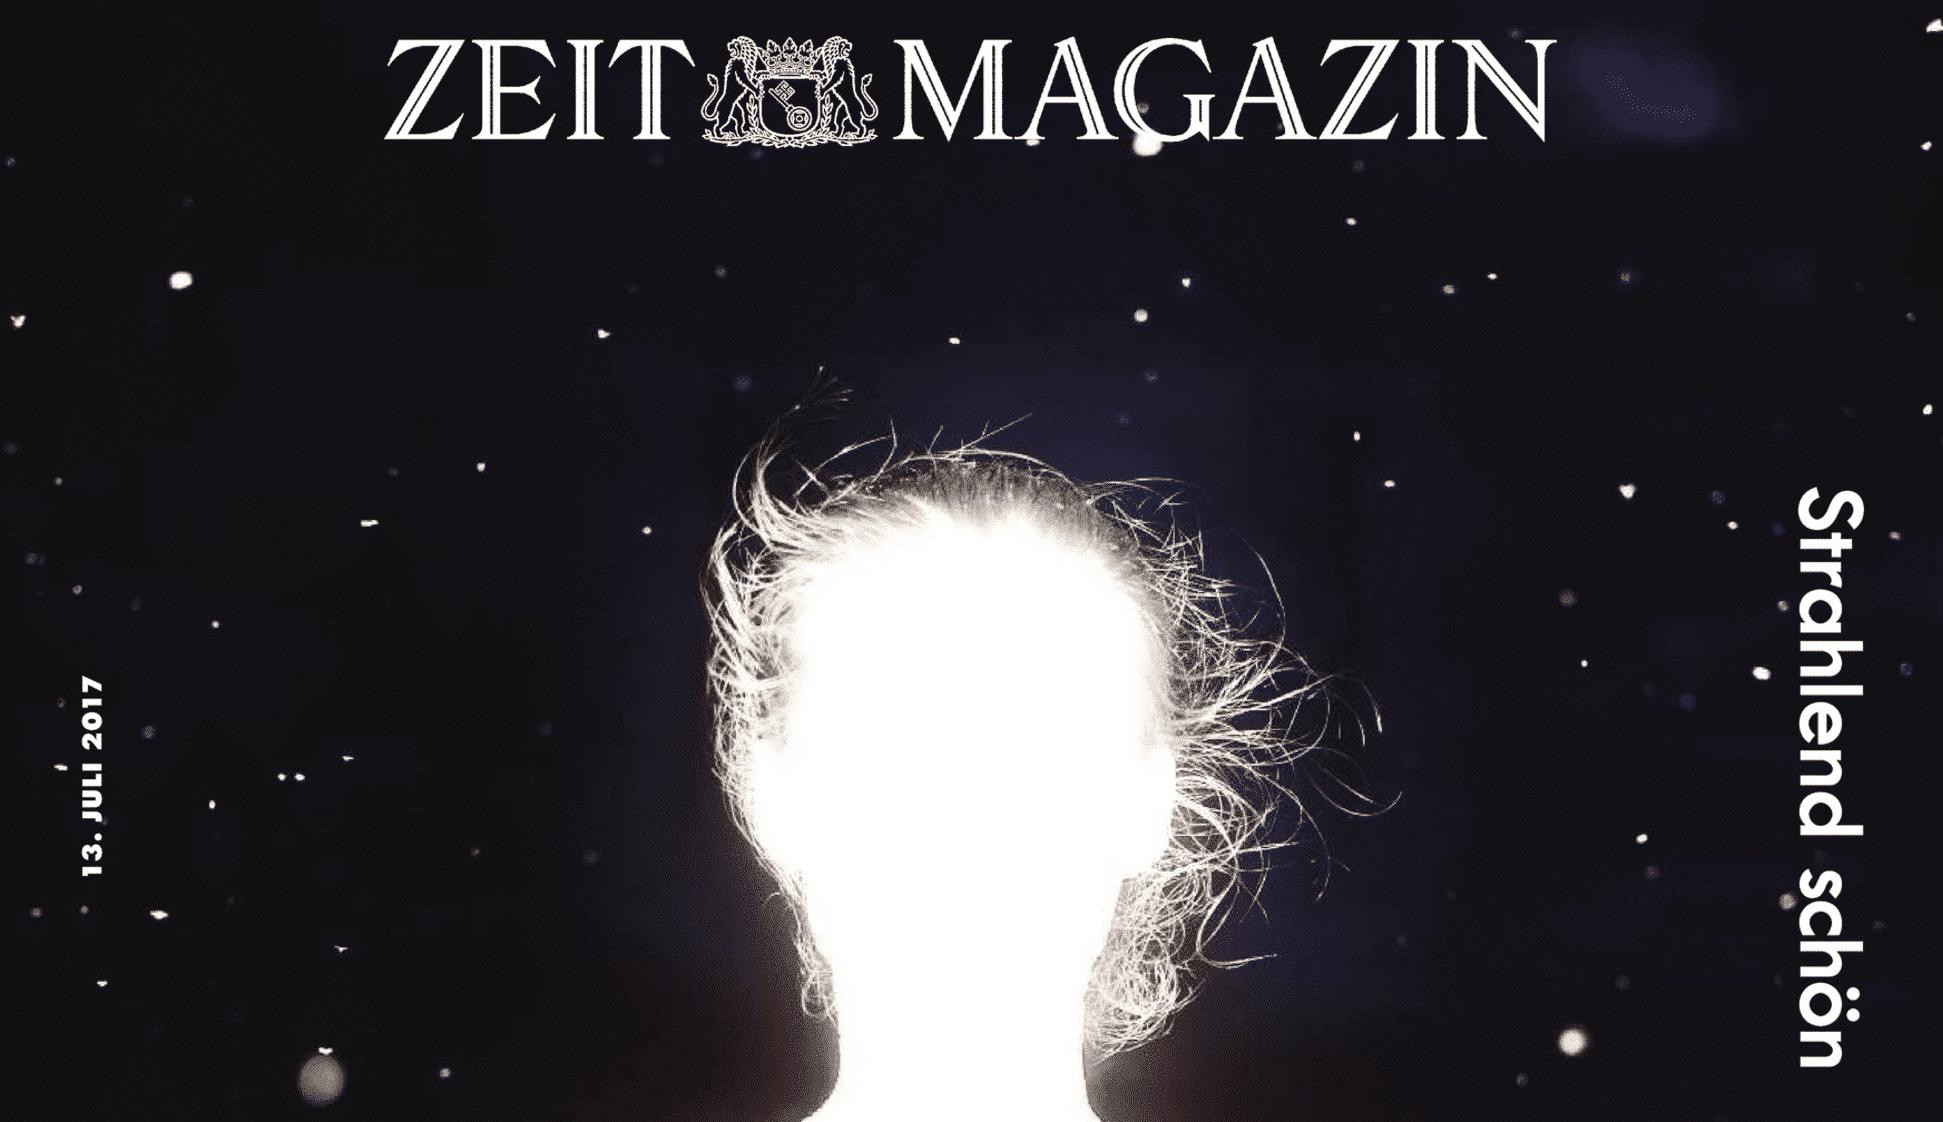 ZEIT-Magazin #Linkempfehlung